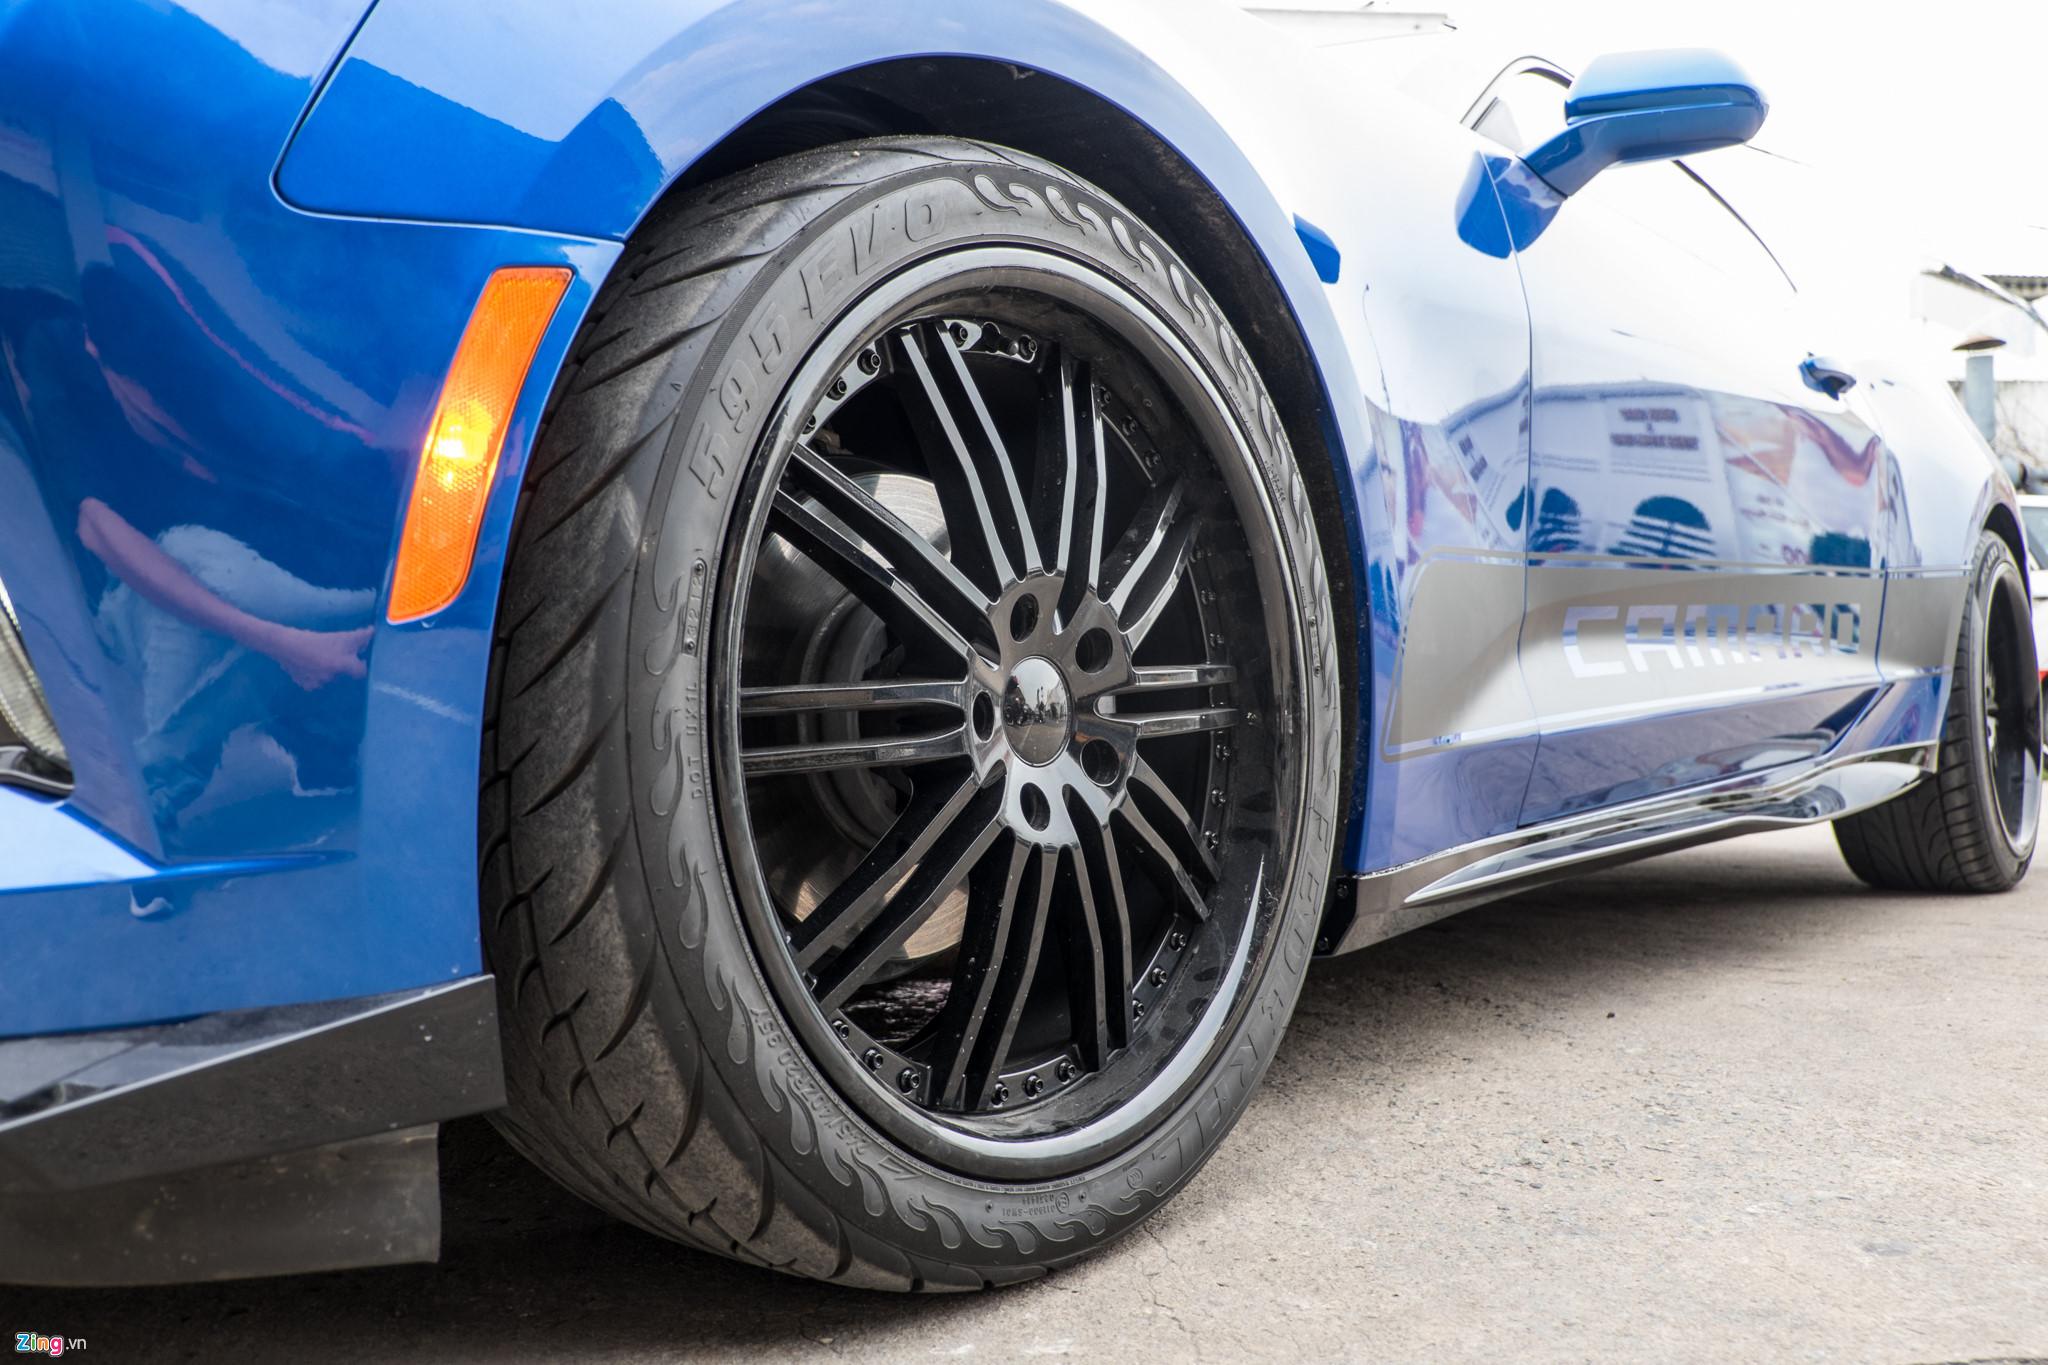 Bộ mâm cũ 18 inch được thay thế bằng loại đa chấu 20 inch (cùng kích thước với mâm của ZL1) thường được giới độ xe lựa chọn. Phần thân chiếc xe còn gắn thêm nẹp sườn màu đen cùng dòng chữ Camaro trên cánh cửa.